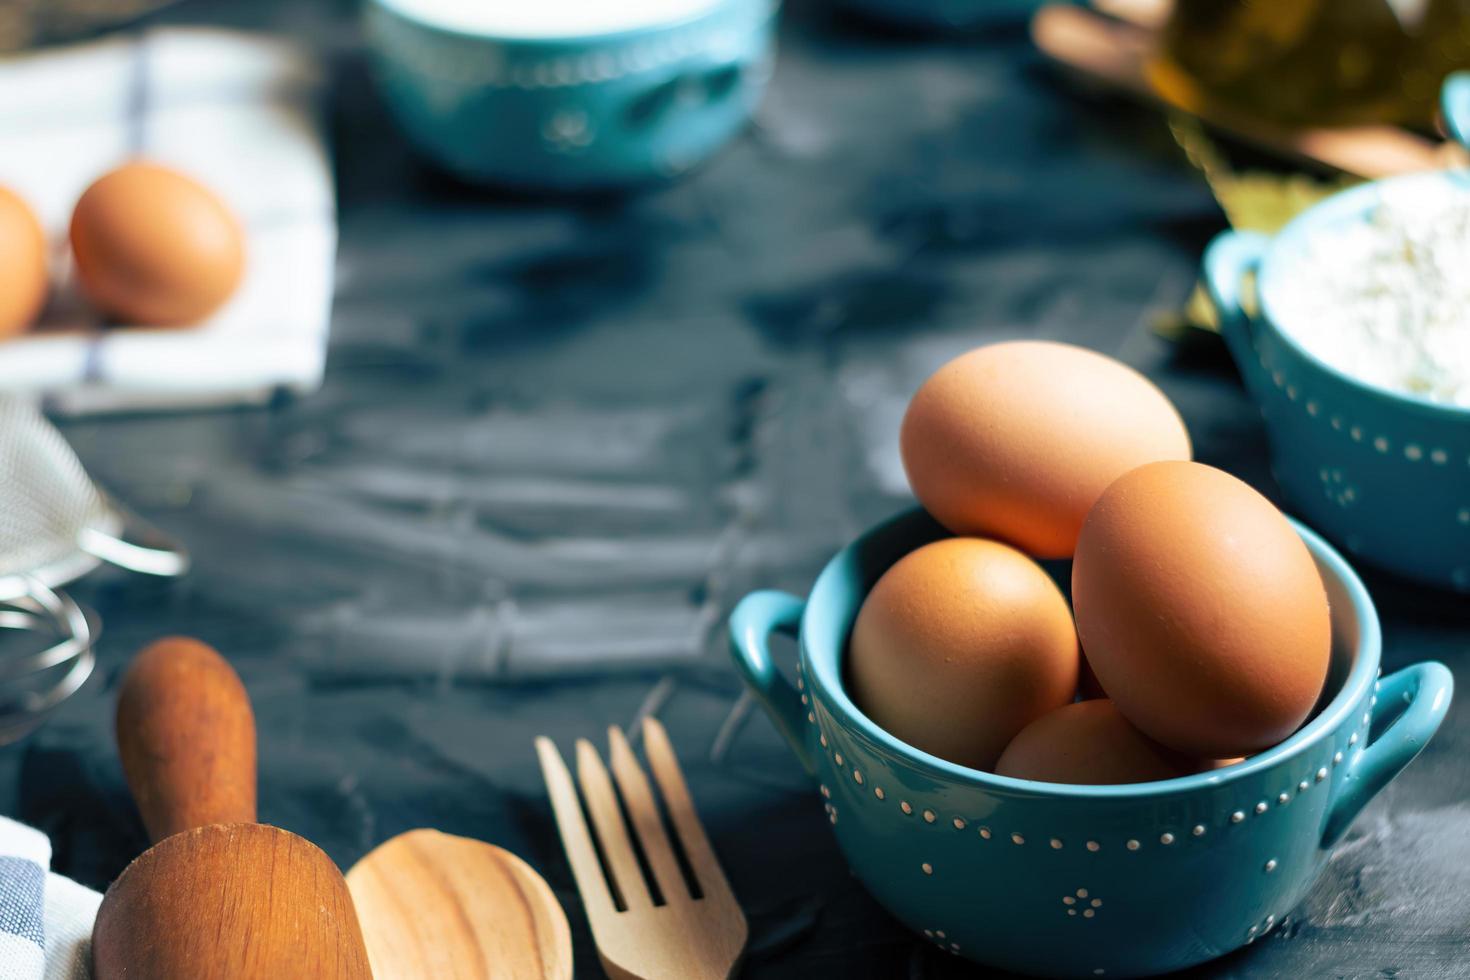 uova in una ciotola foto